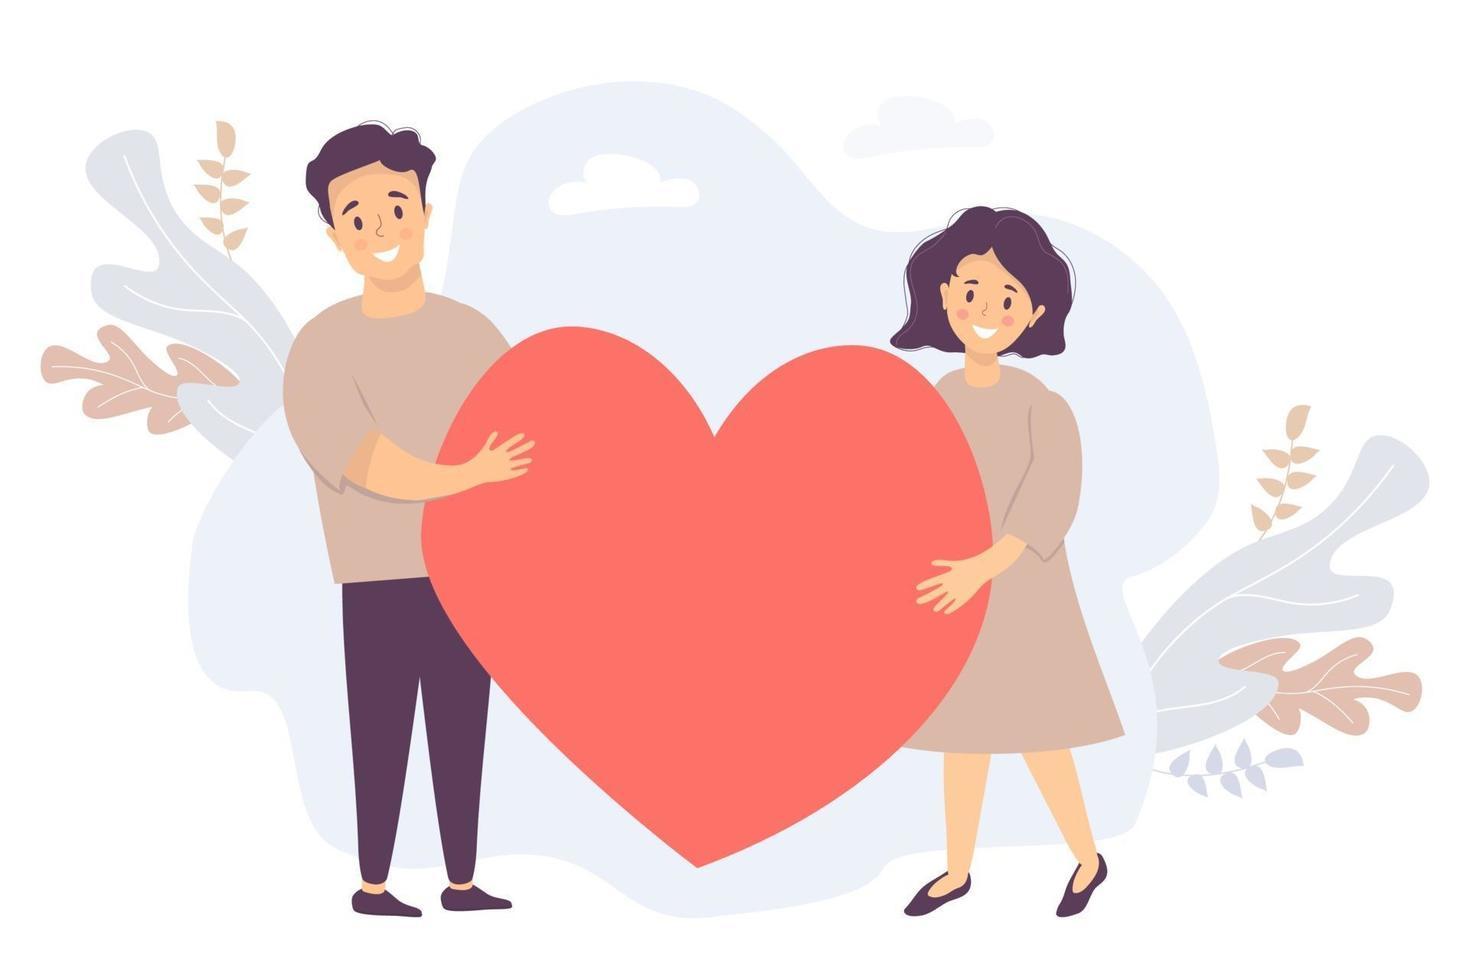 casal segurando um coração. jovem feliz e mulher segurando um grande coração vermelho, o fundo das folhas tropicais. ilustração vetorial para amor, relacionamento, conceito de família, apaixonar-se e romance vetor